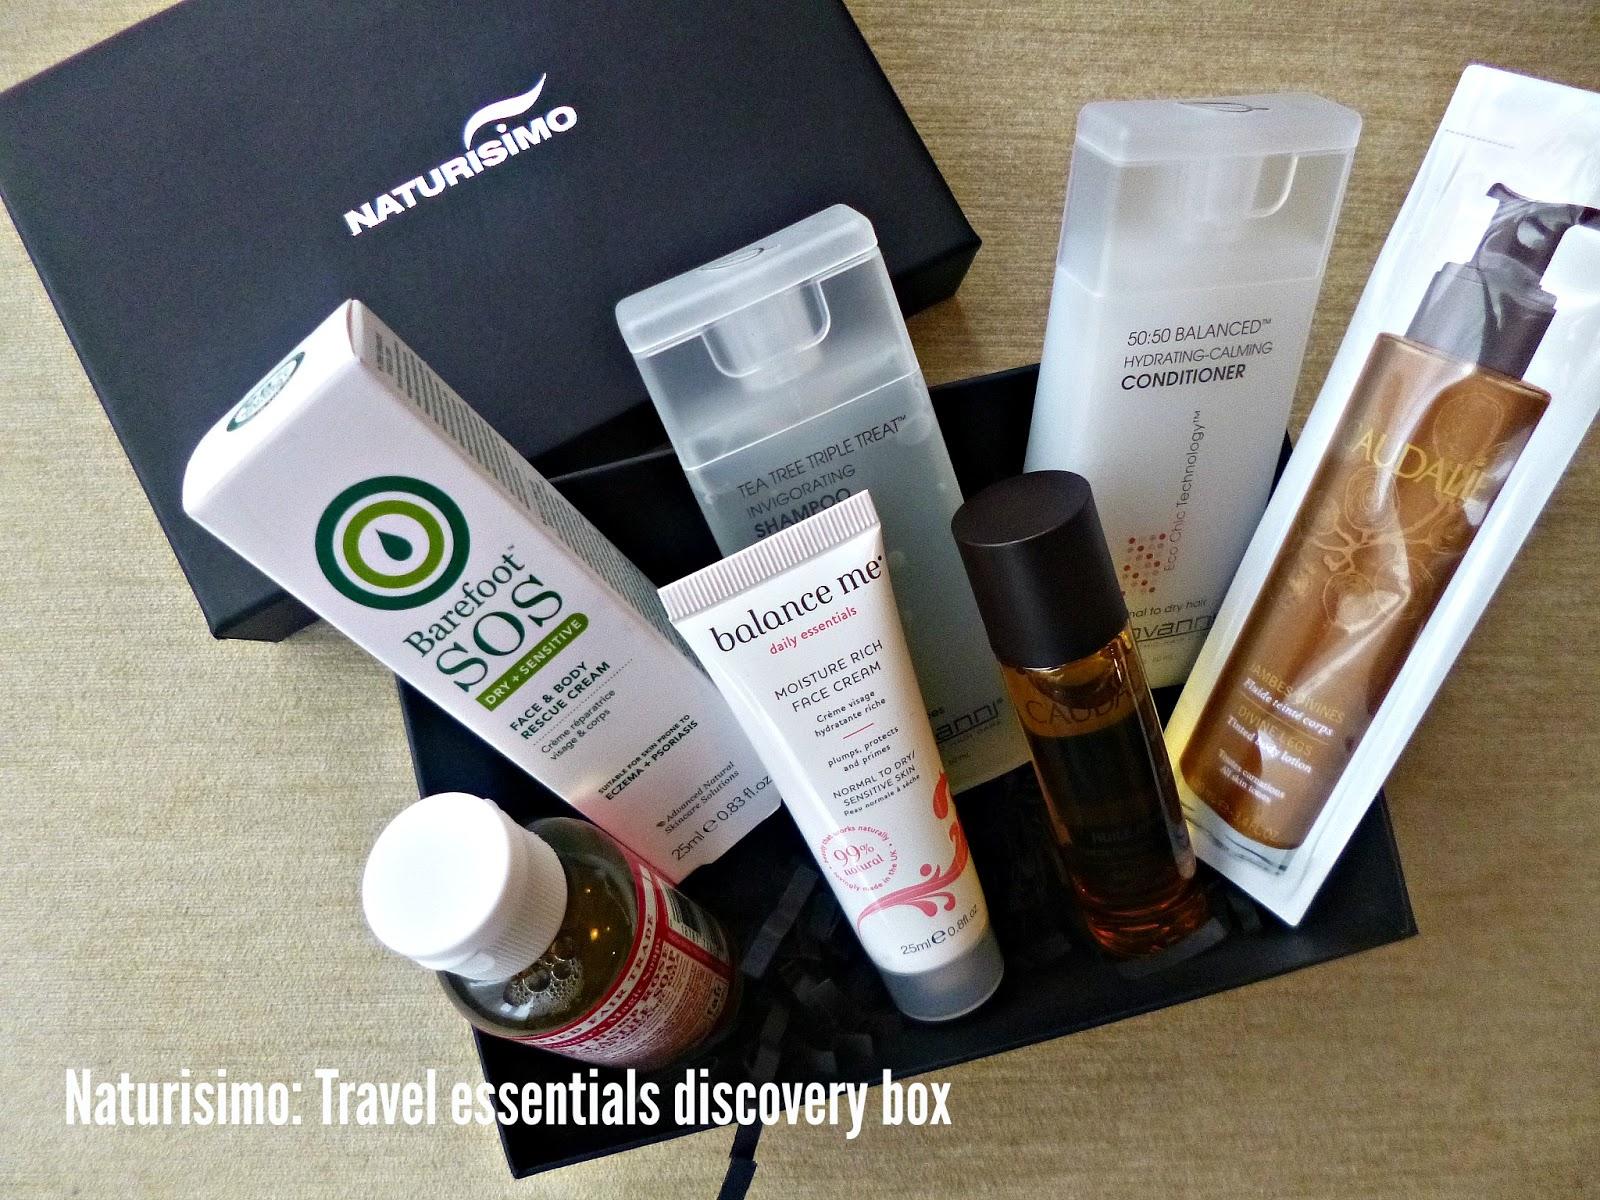 Naturisimo Travel essentials discovery box